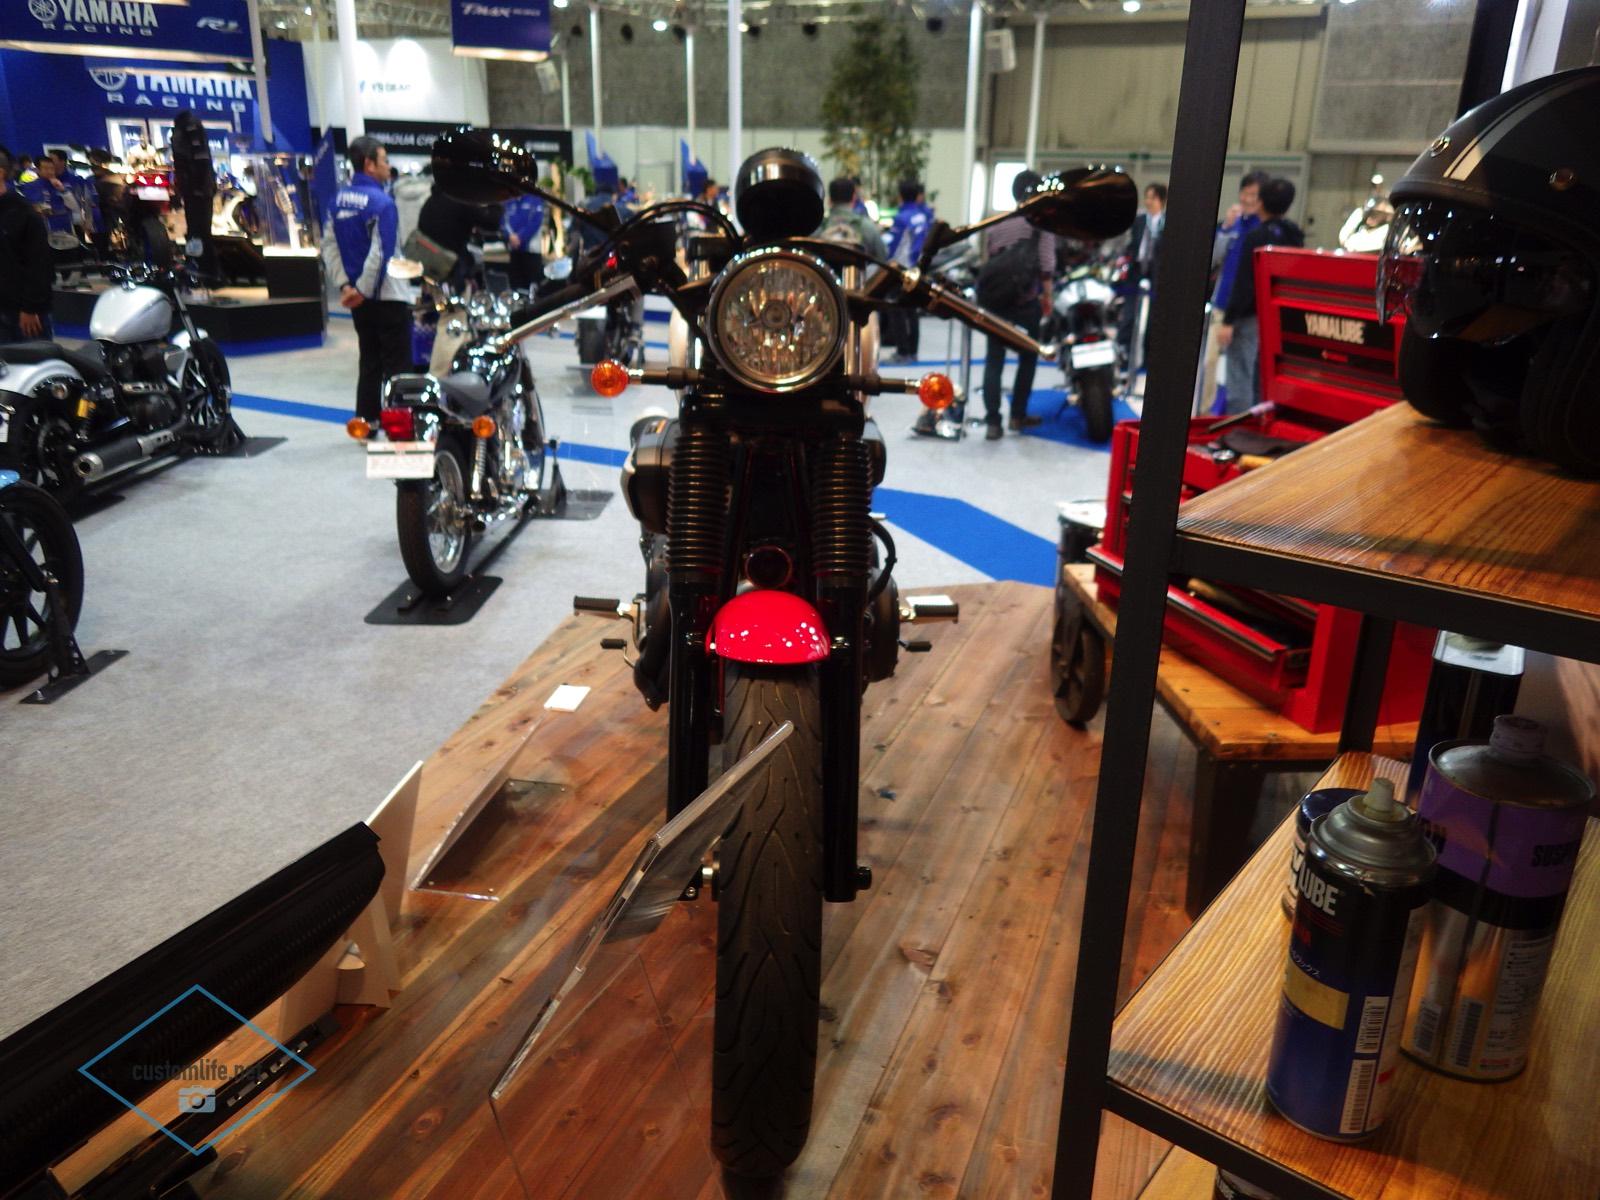 MotorcycleShow 2015 Osaka 93